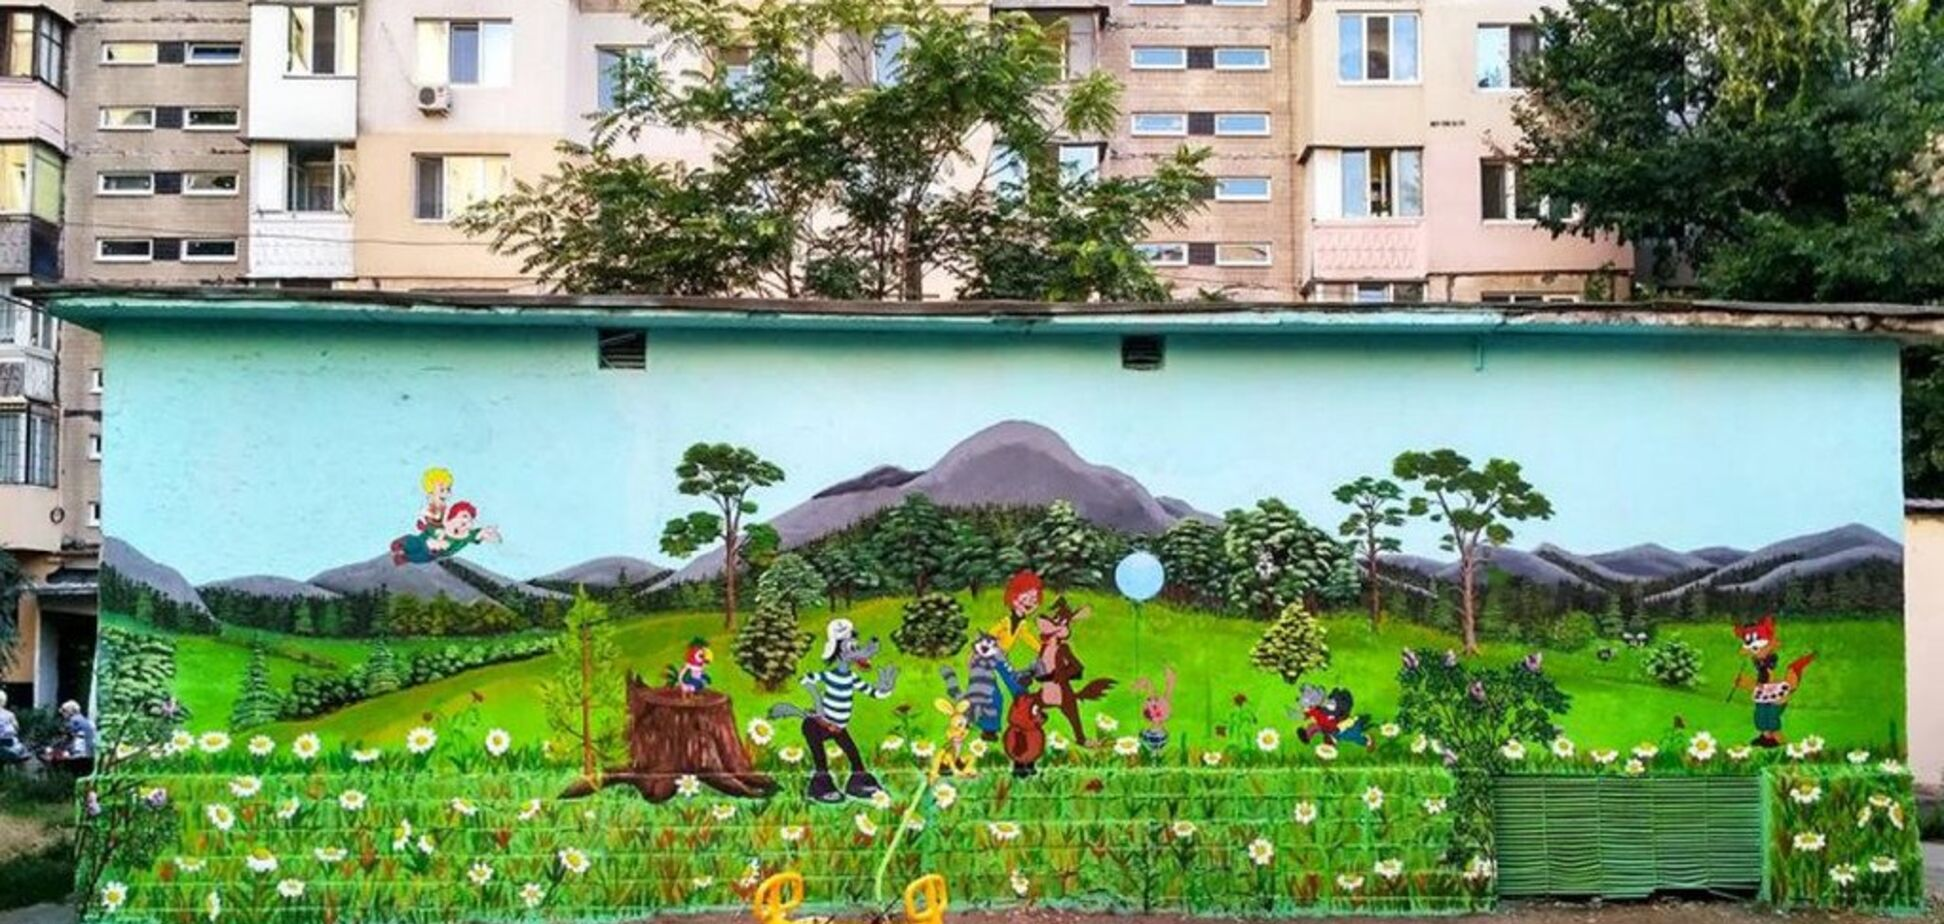 'Красота и позитив': в Одессе художник необычно украсил двор многоэтажки